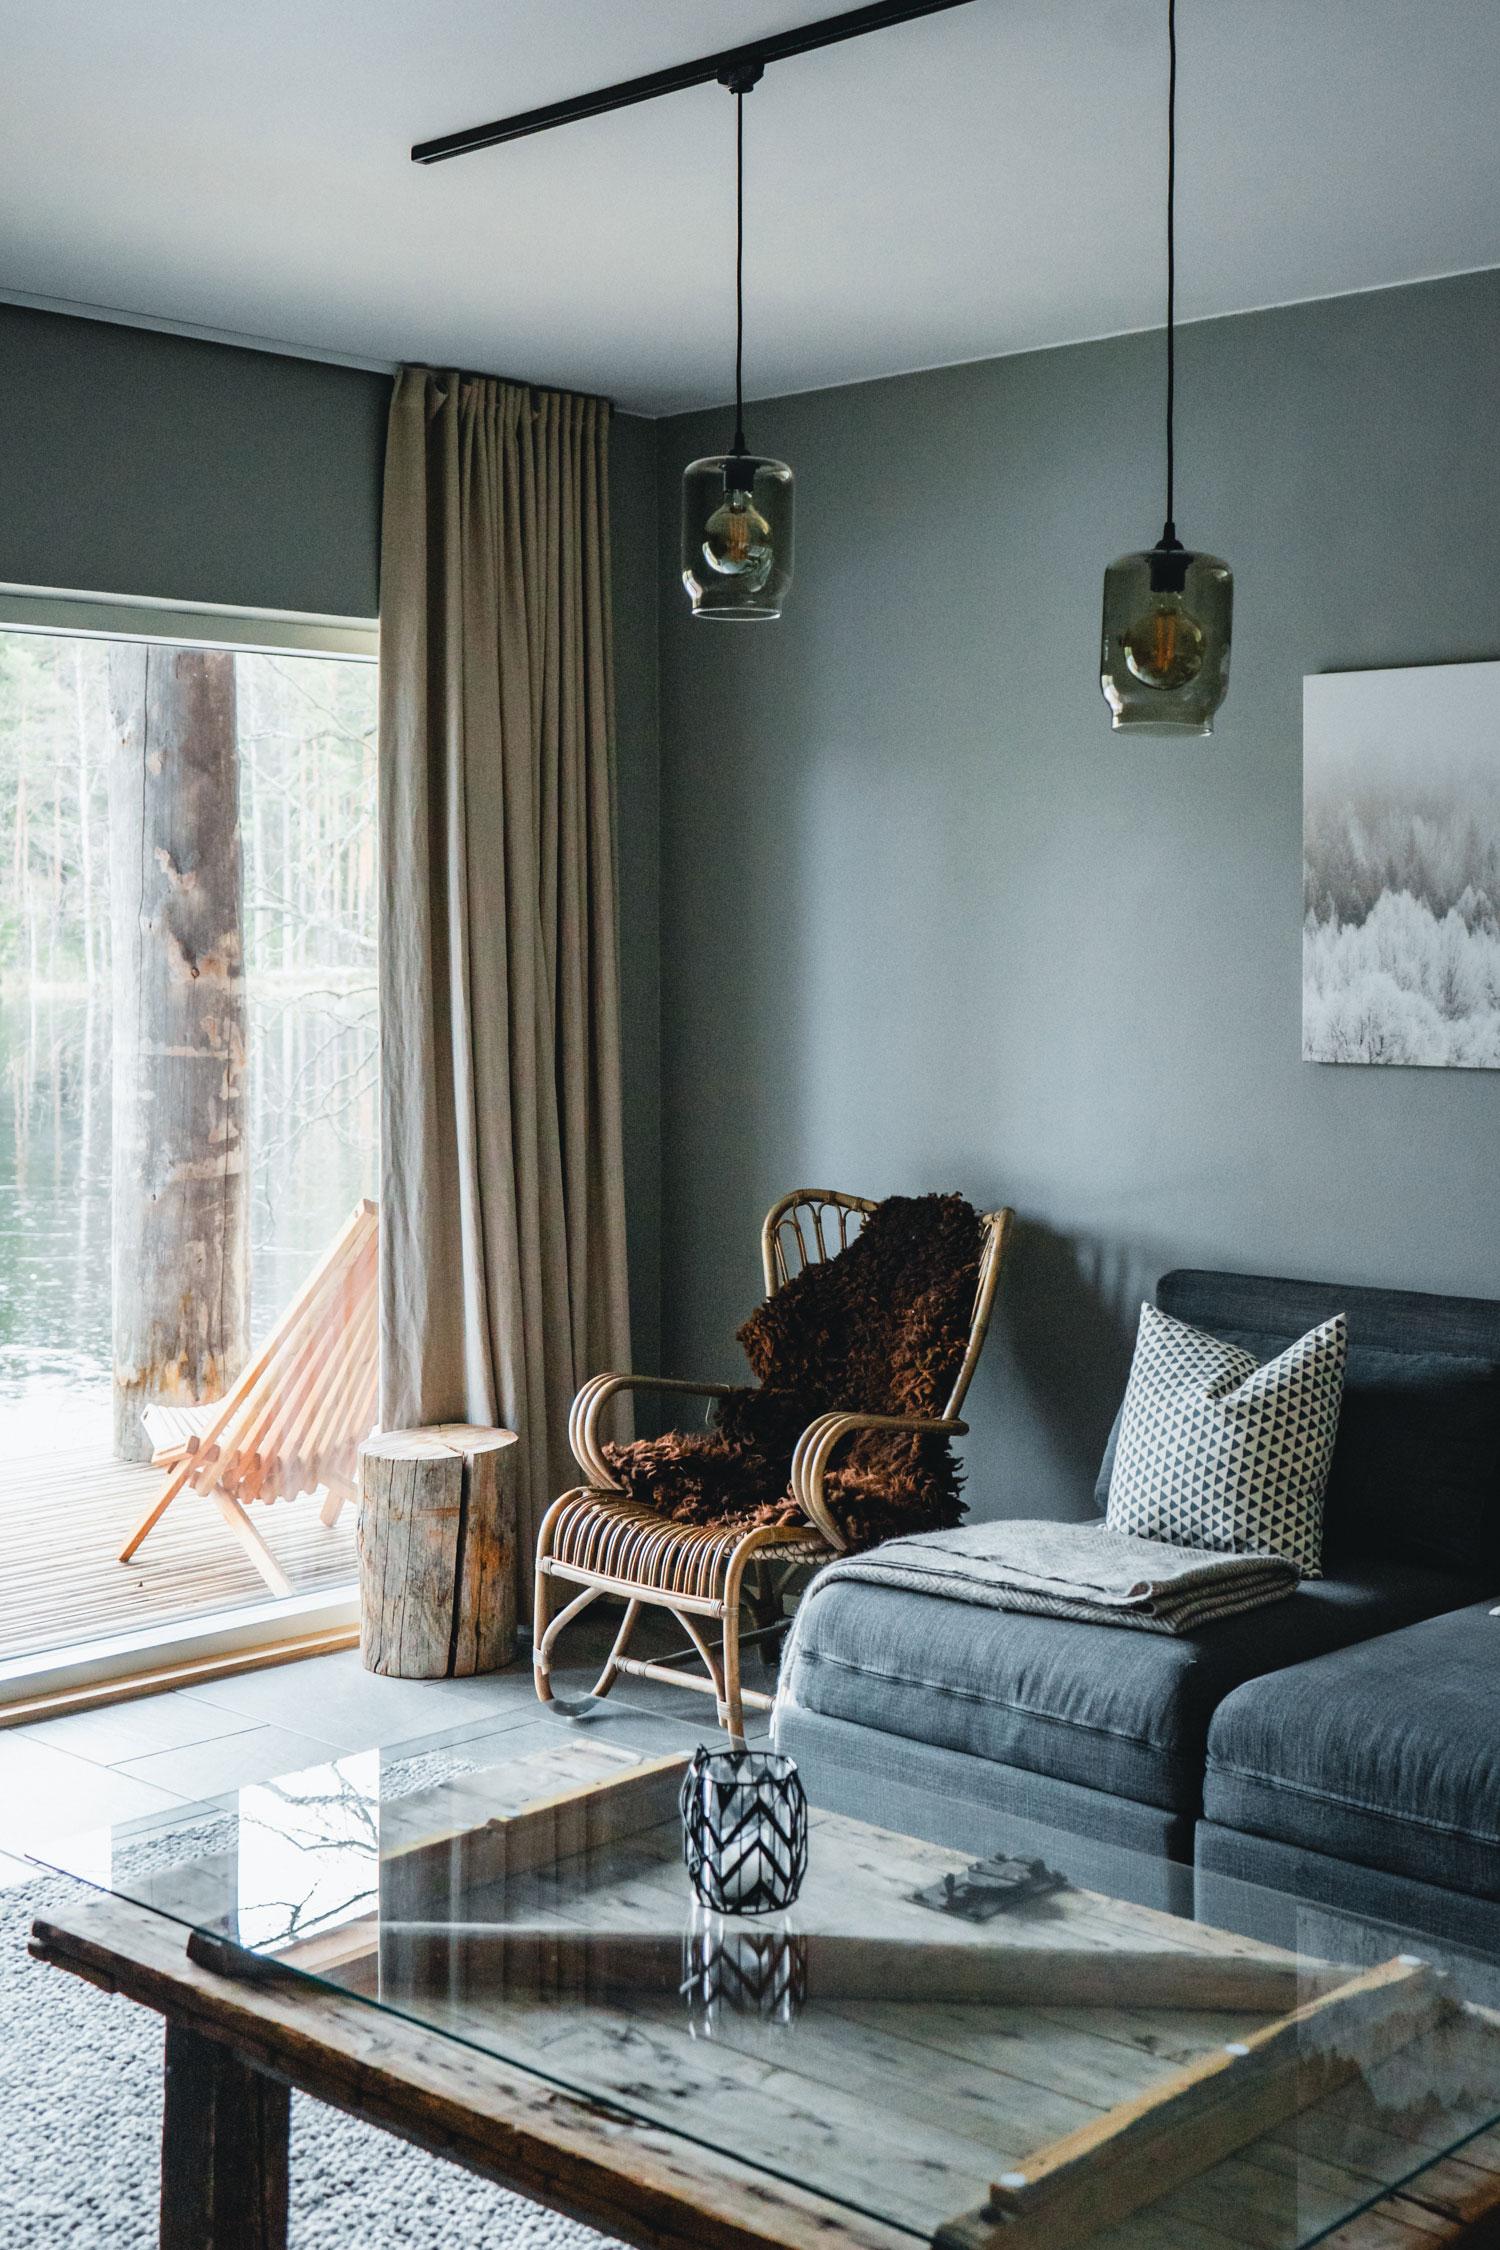 In den Häusern selbst herrscht eine angenehme Atmosphäre